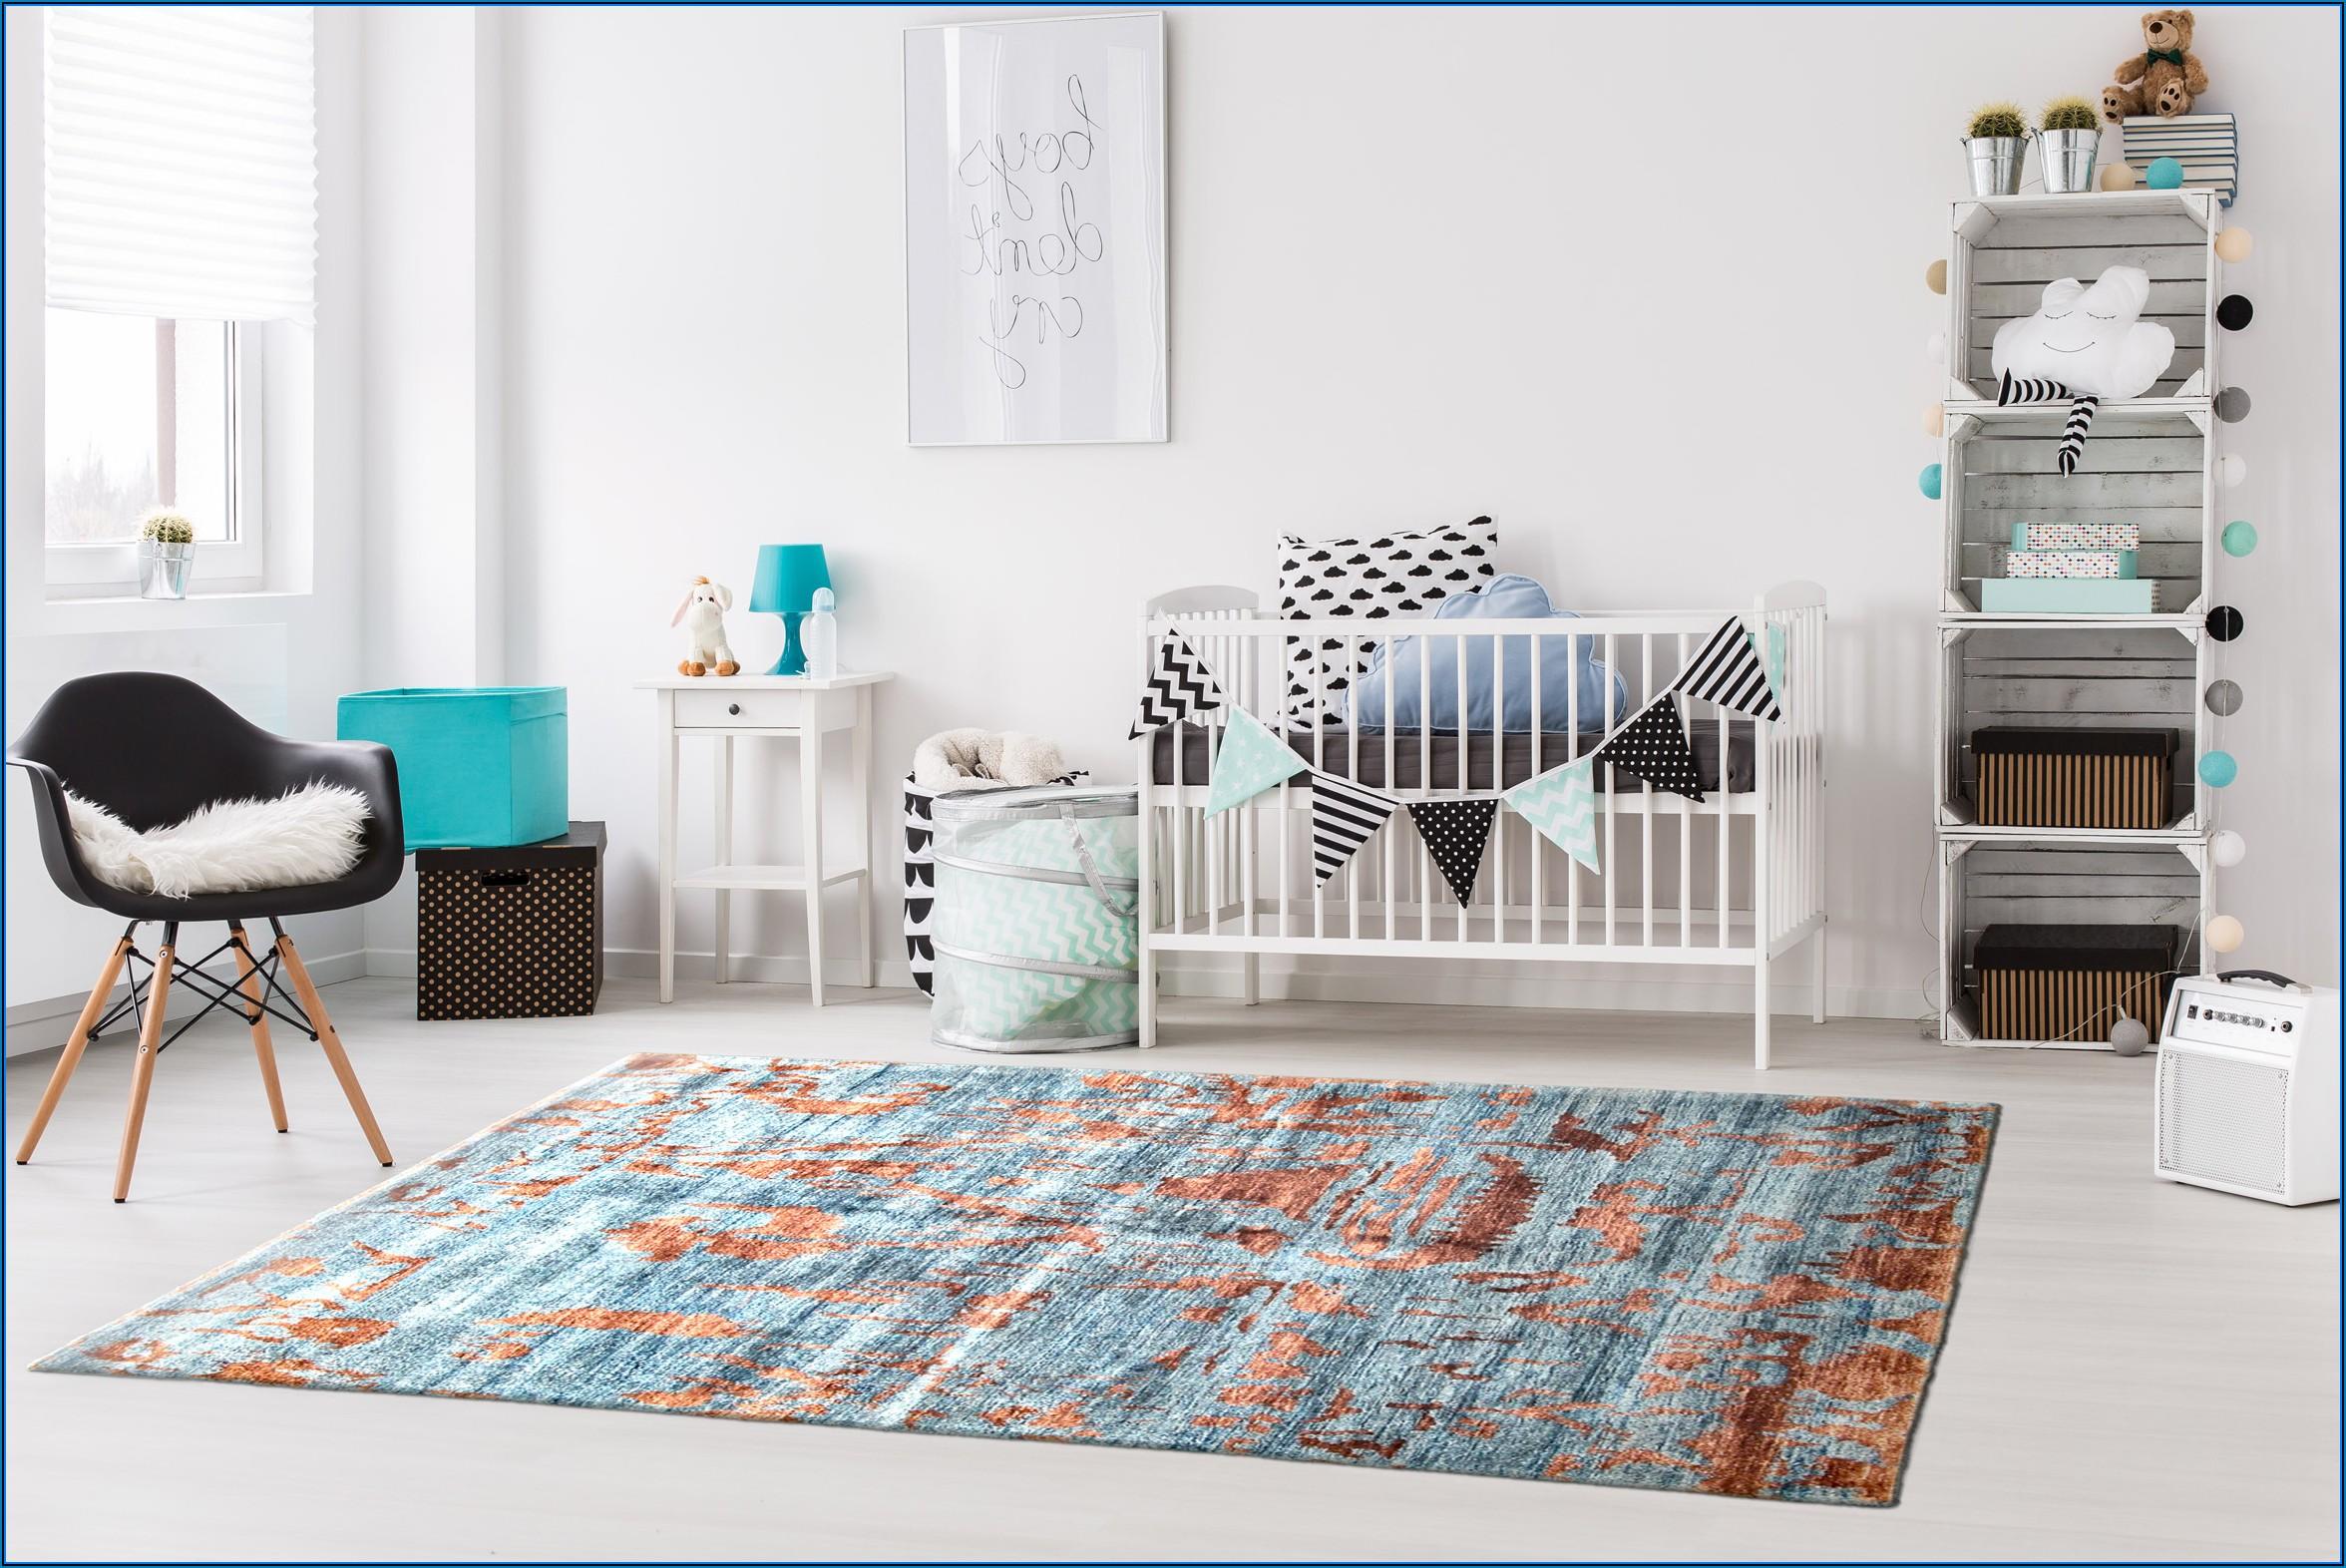 Polypropylen Teppich Im Kinderzimmer